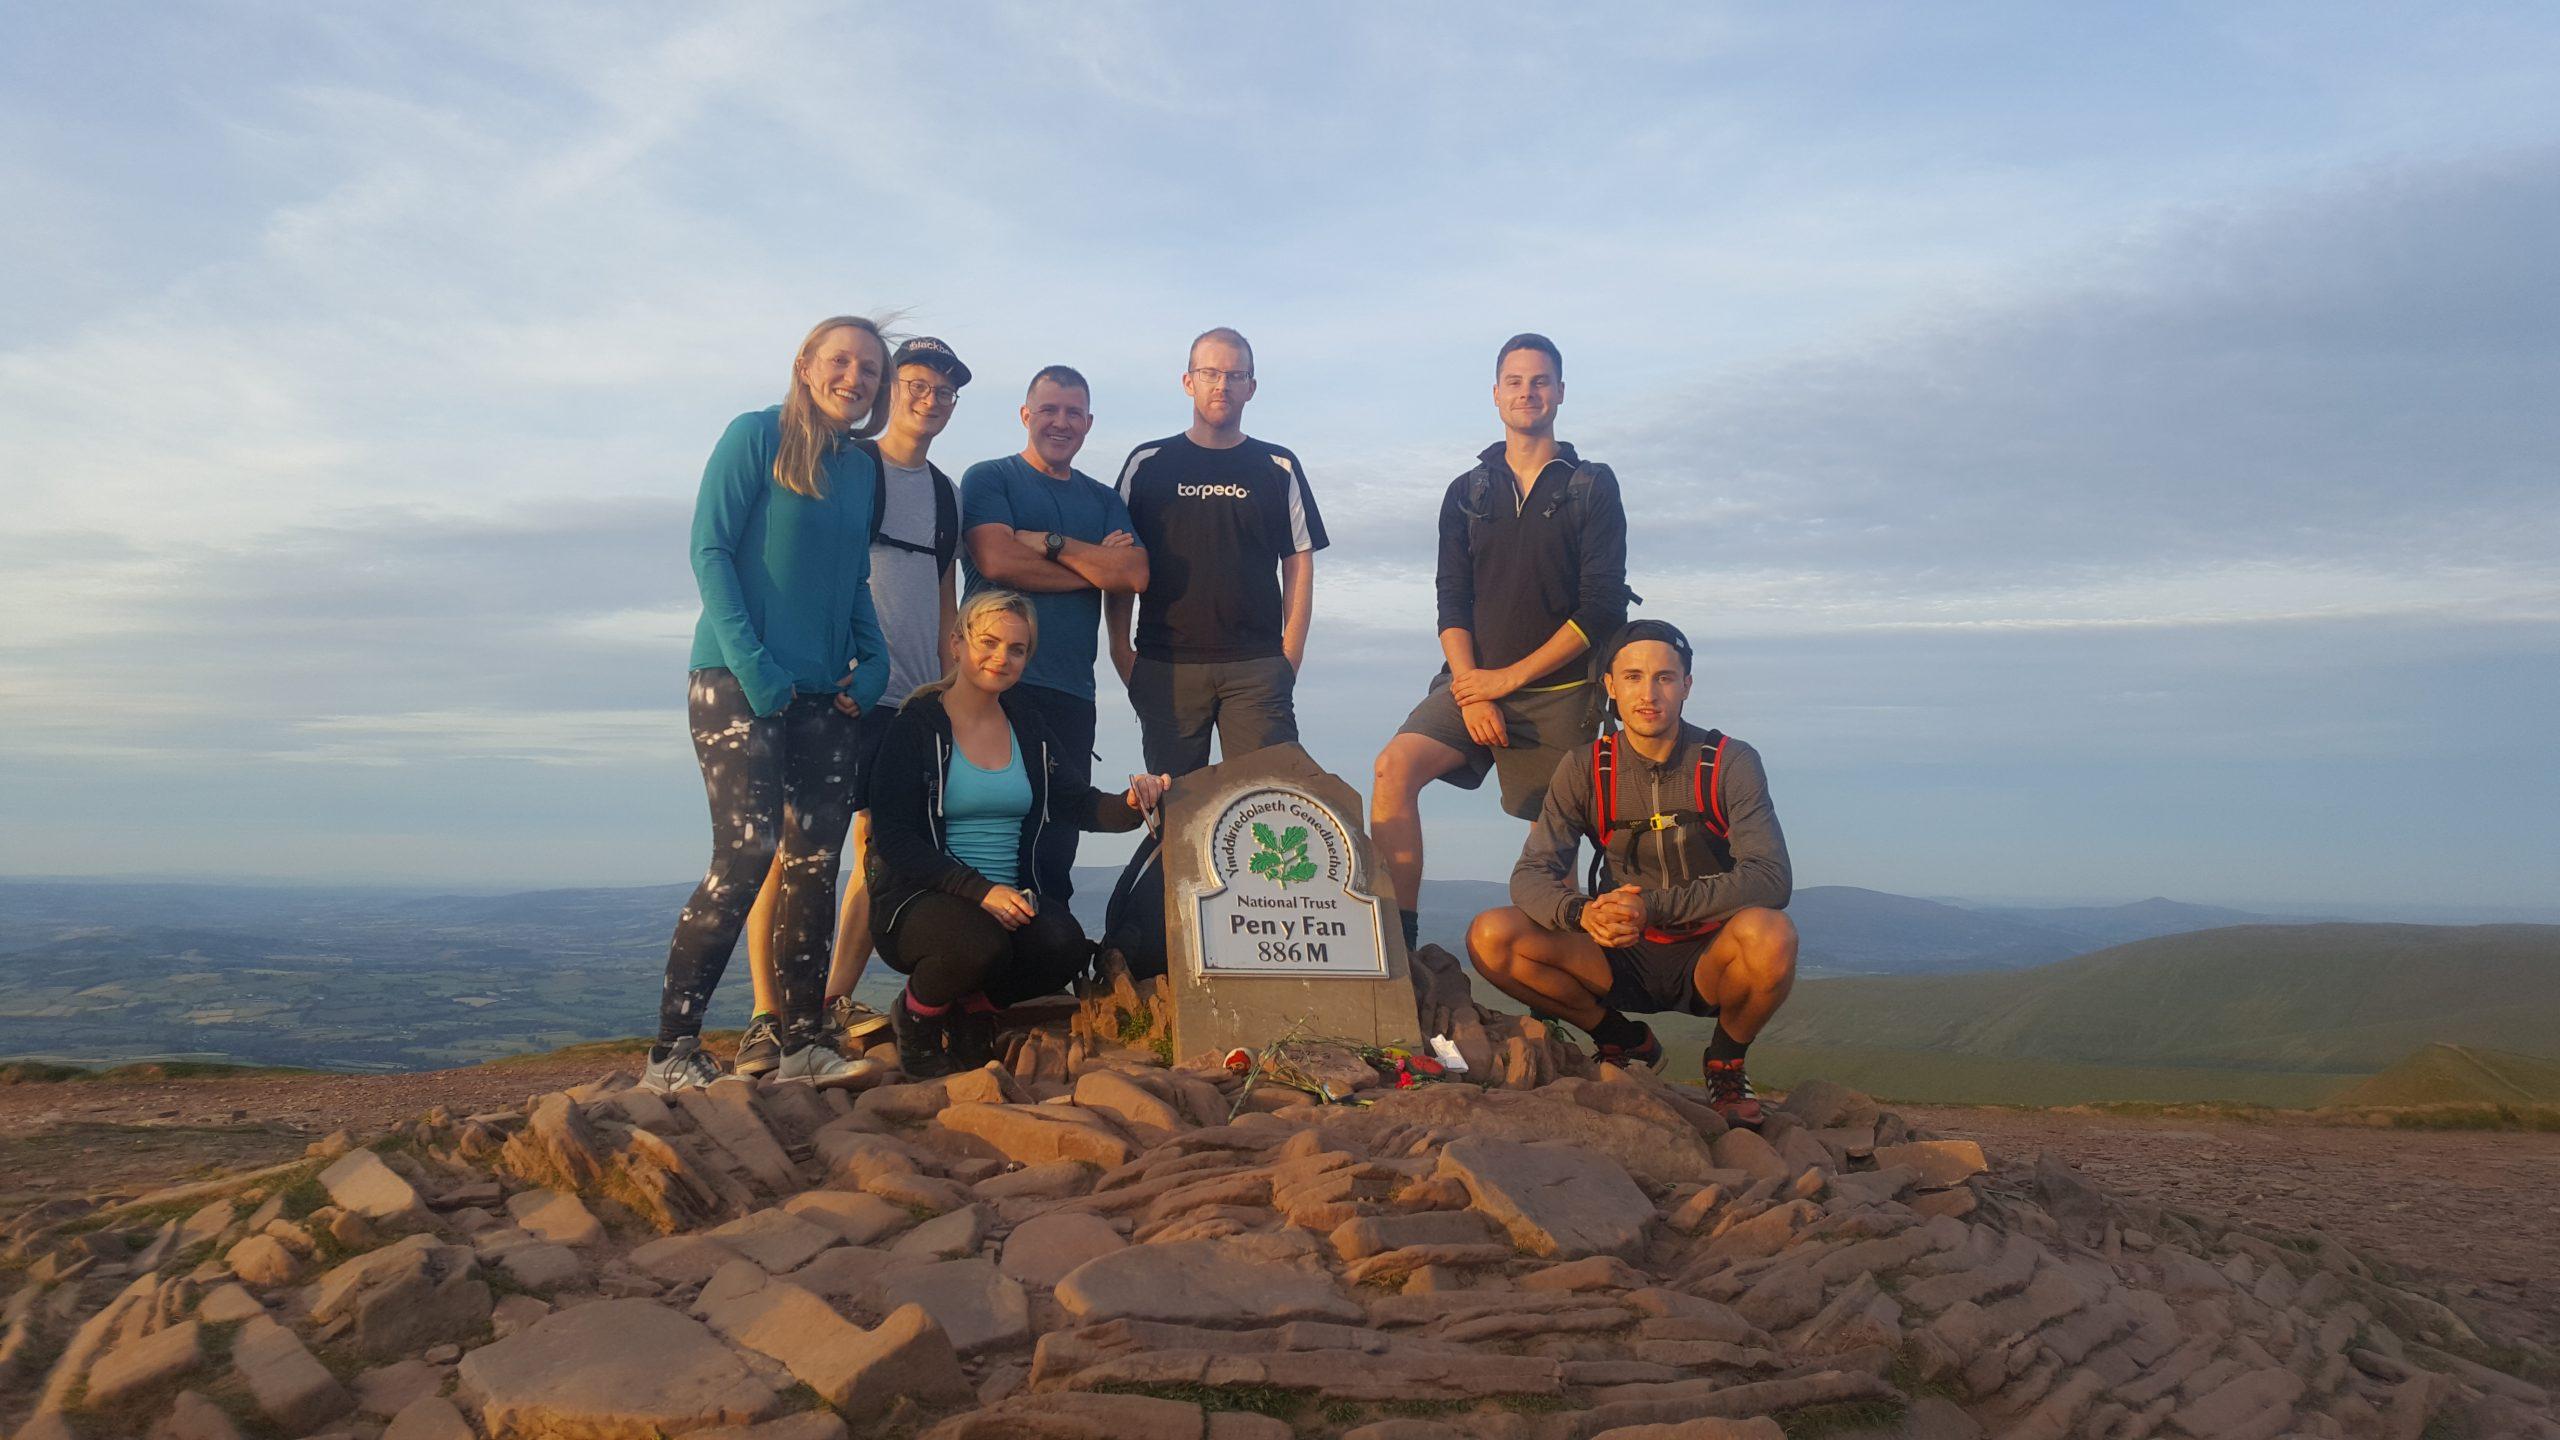 Summit of Pen y Fan on a Welsh 3 Peaks Challenge